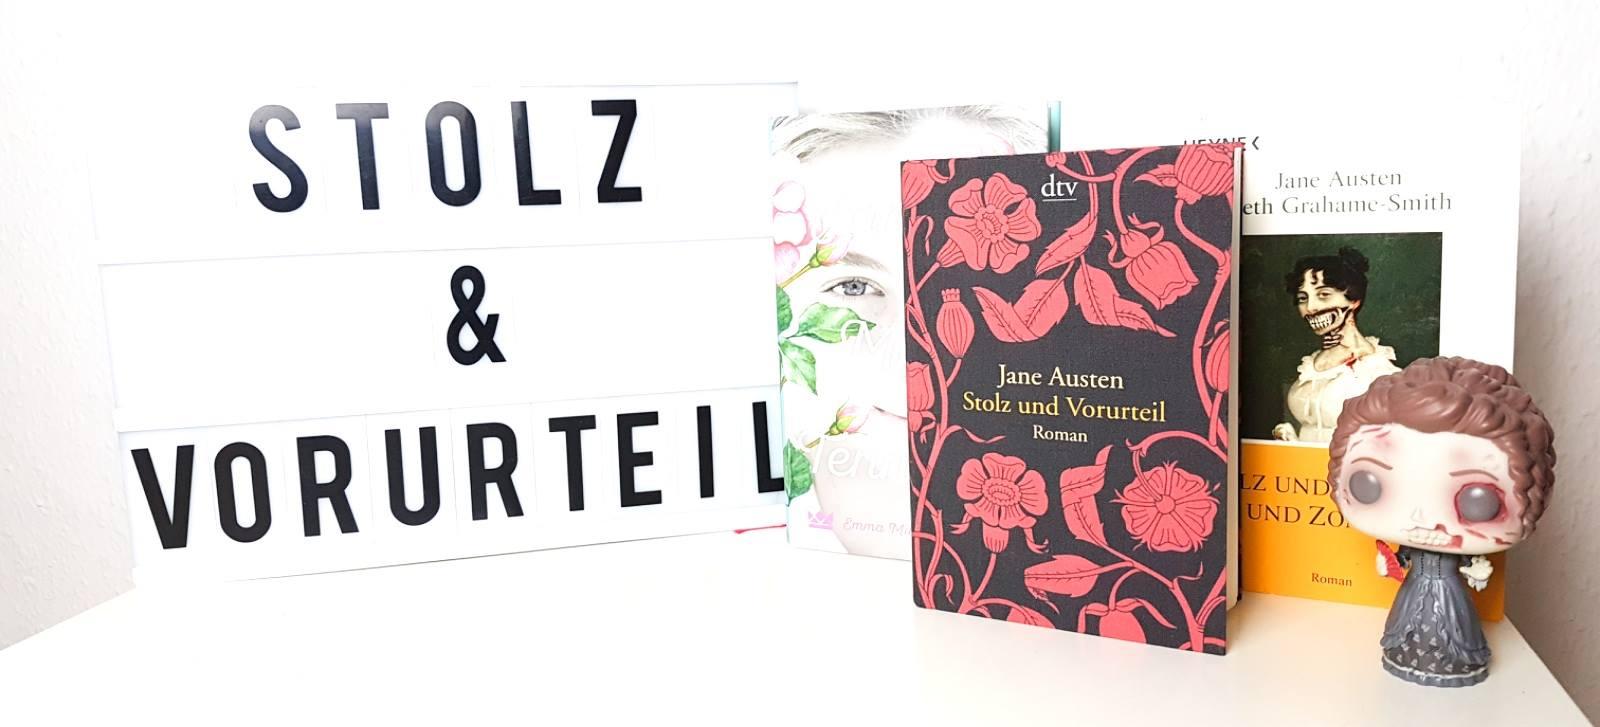 Berühmte Liebespaare der Literatur im neuen Gewand : Elizabeth Bennet und Fitzwilliam Darcy